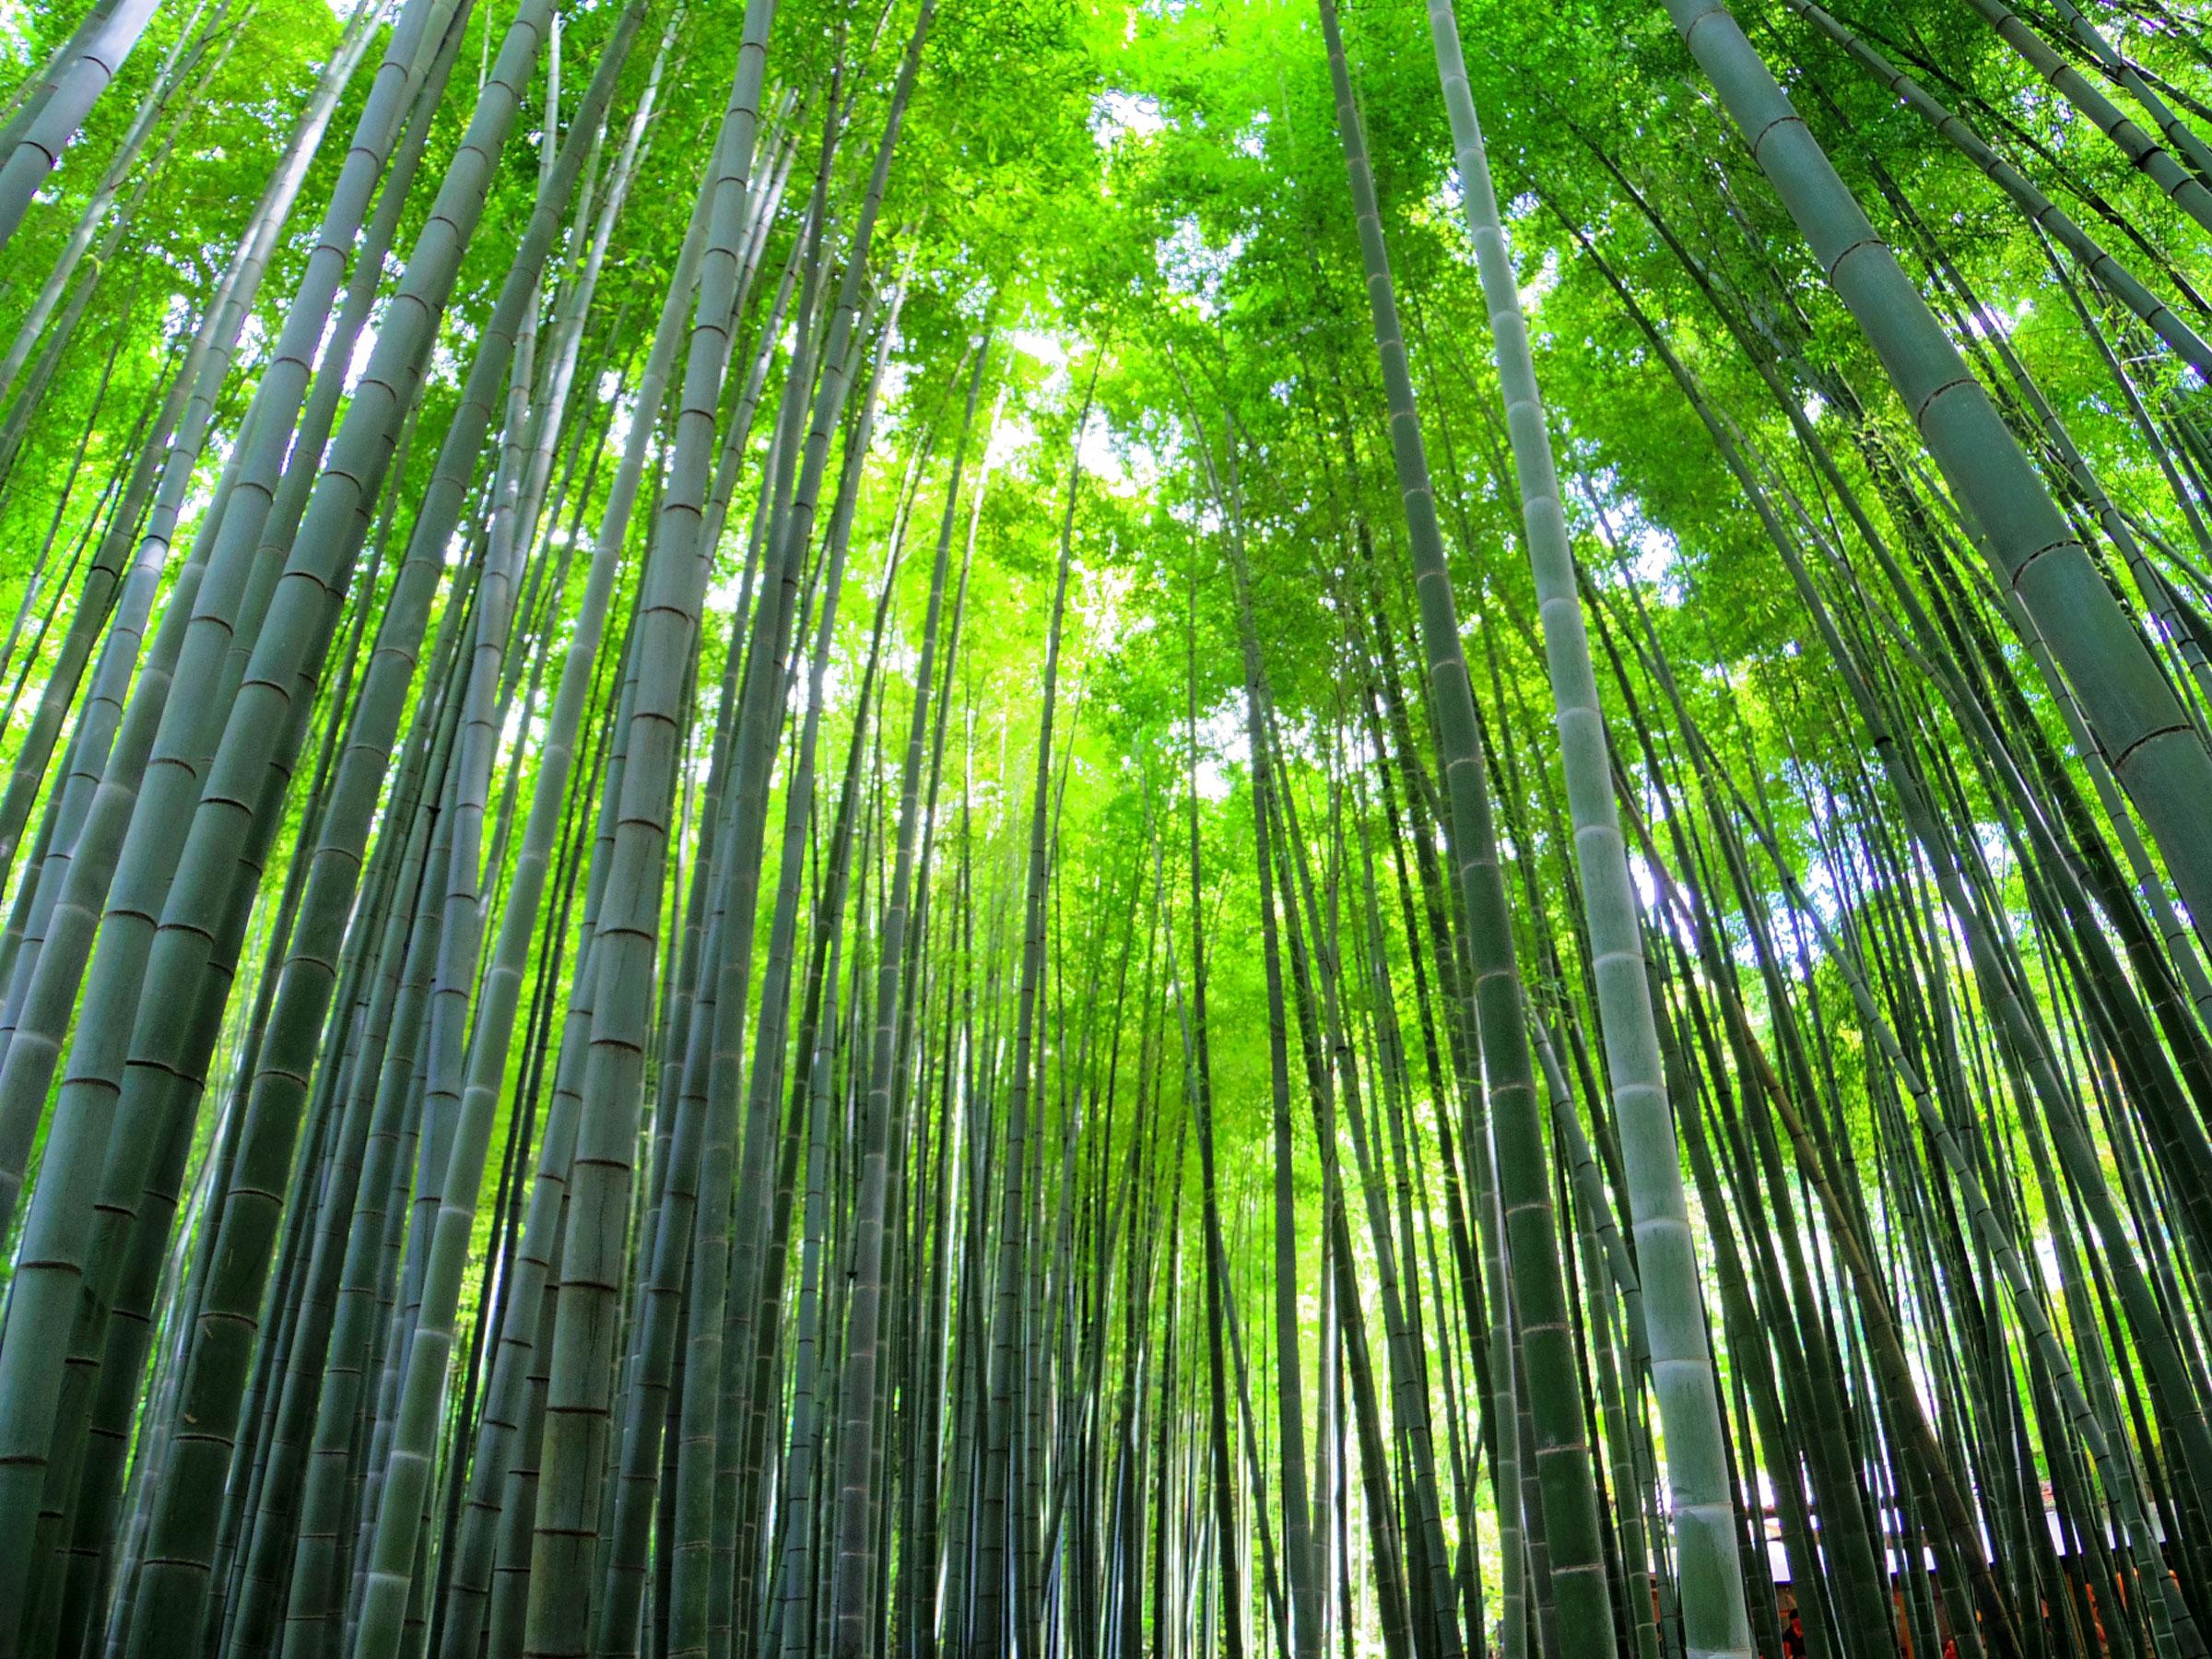 【神奈川県】夏の絶景・風物詩5選 神秘的な光景が広がる寺院の竹の庭